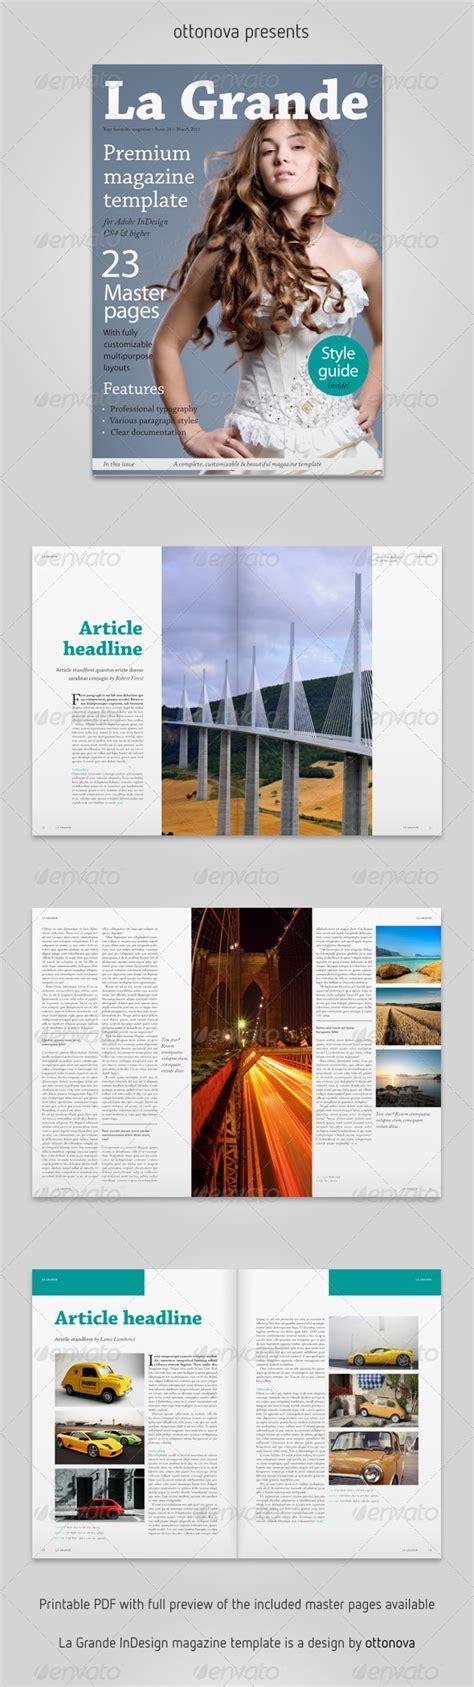 Magazine Layout Envato | la grande indesign magazine template by ottonova